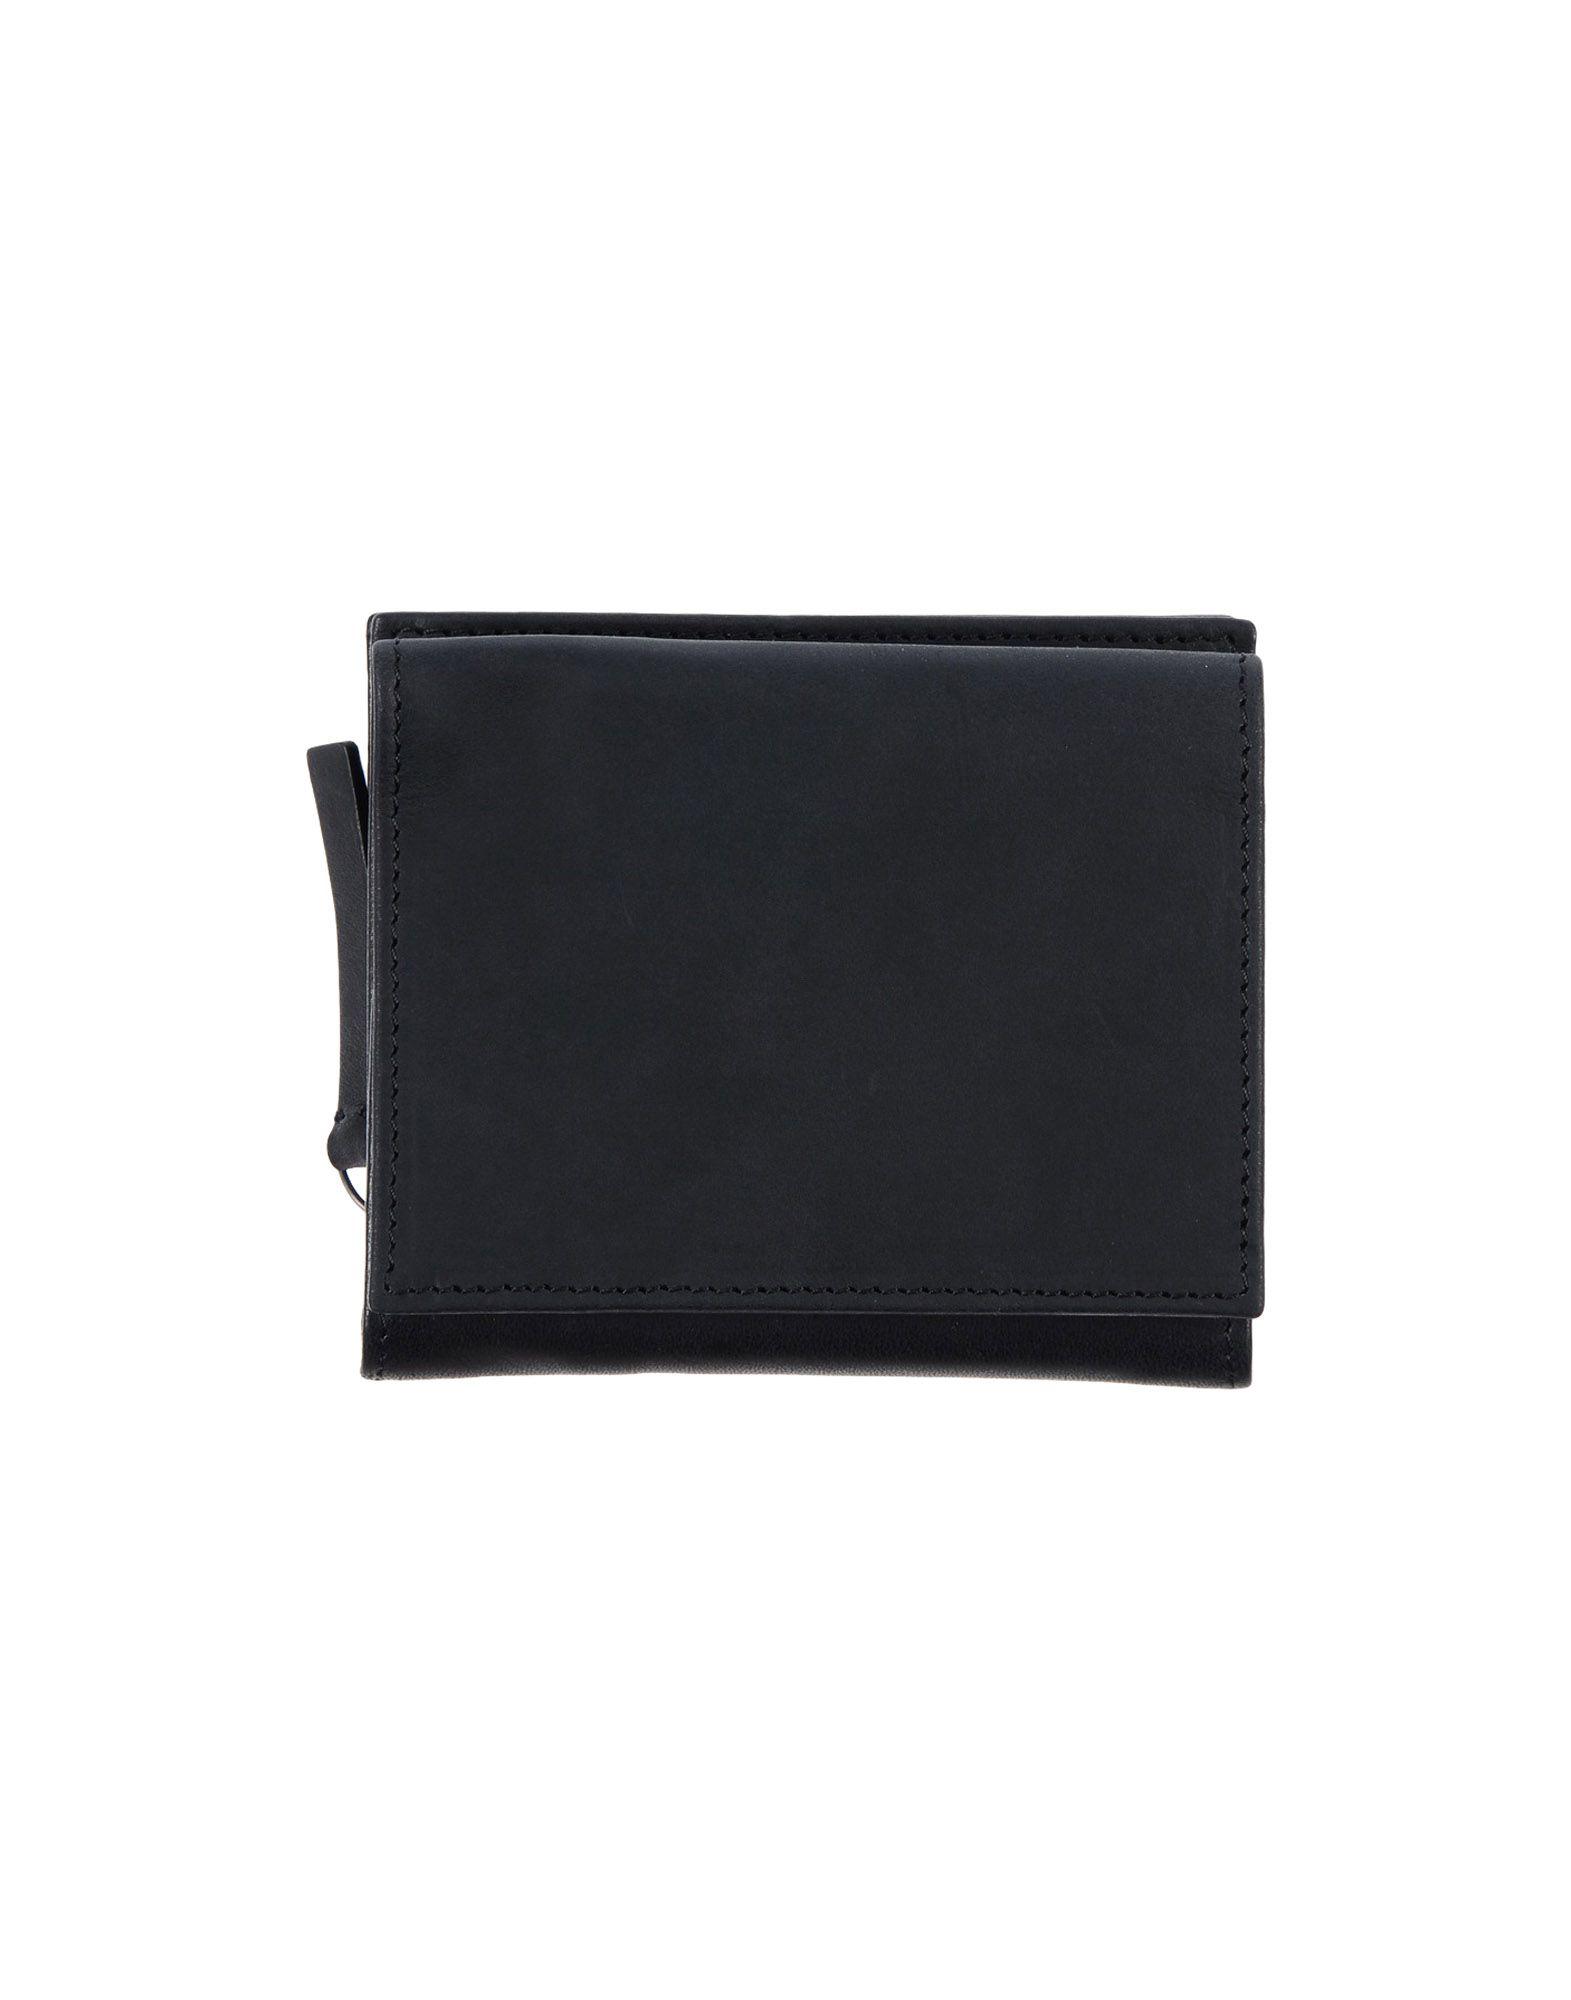 《送料無料》ANN DEMEULEMEESTER レディース 財布 ブラック 革